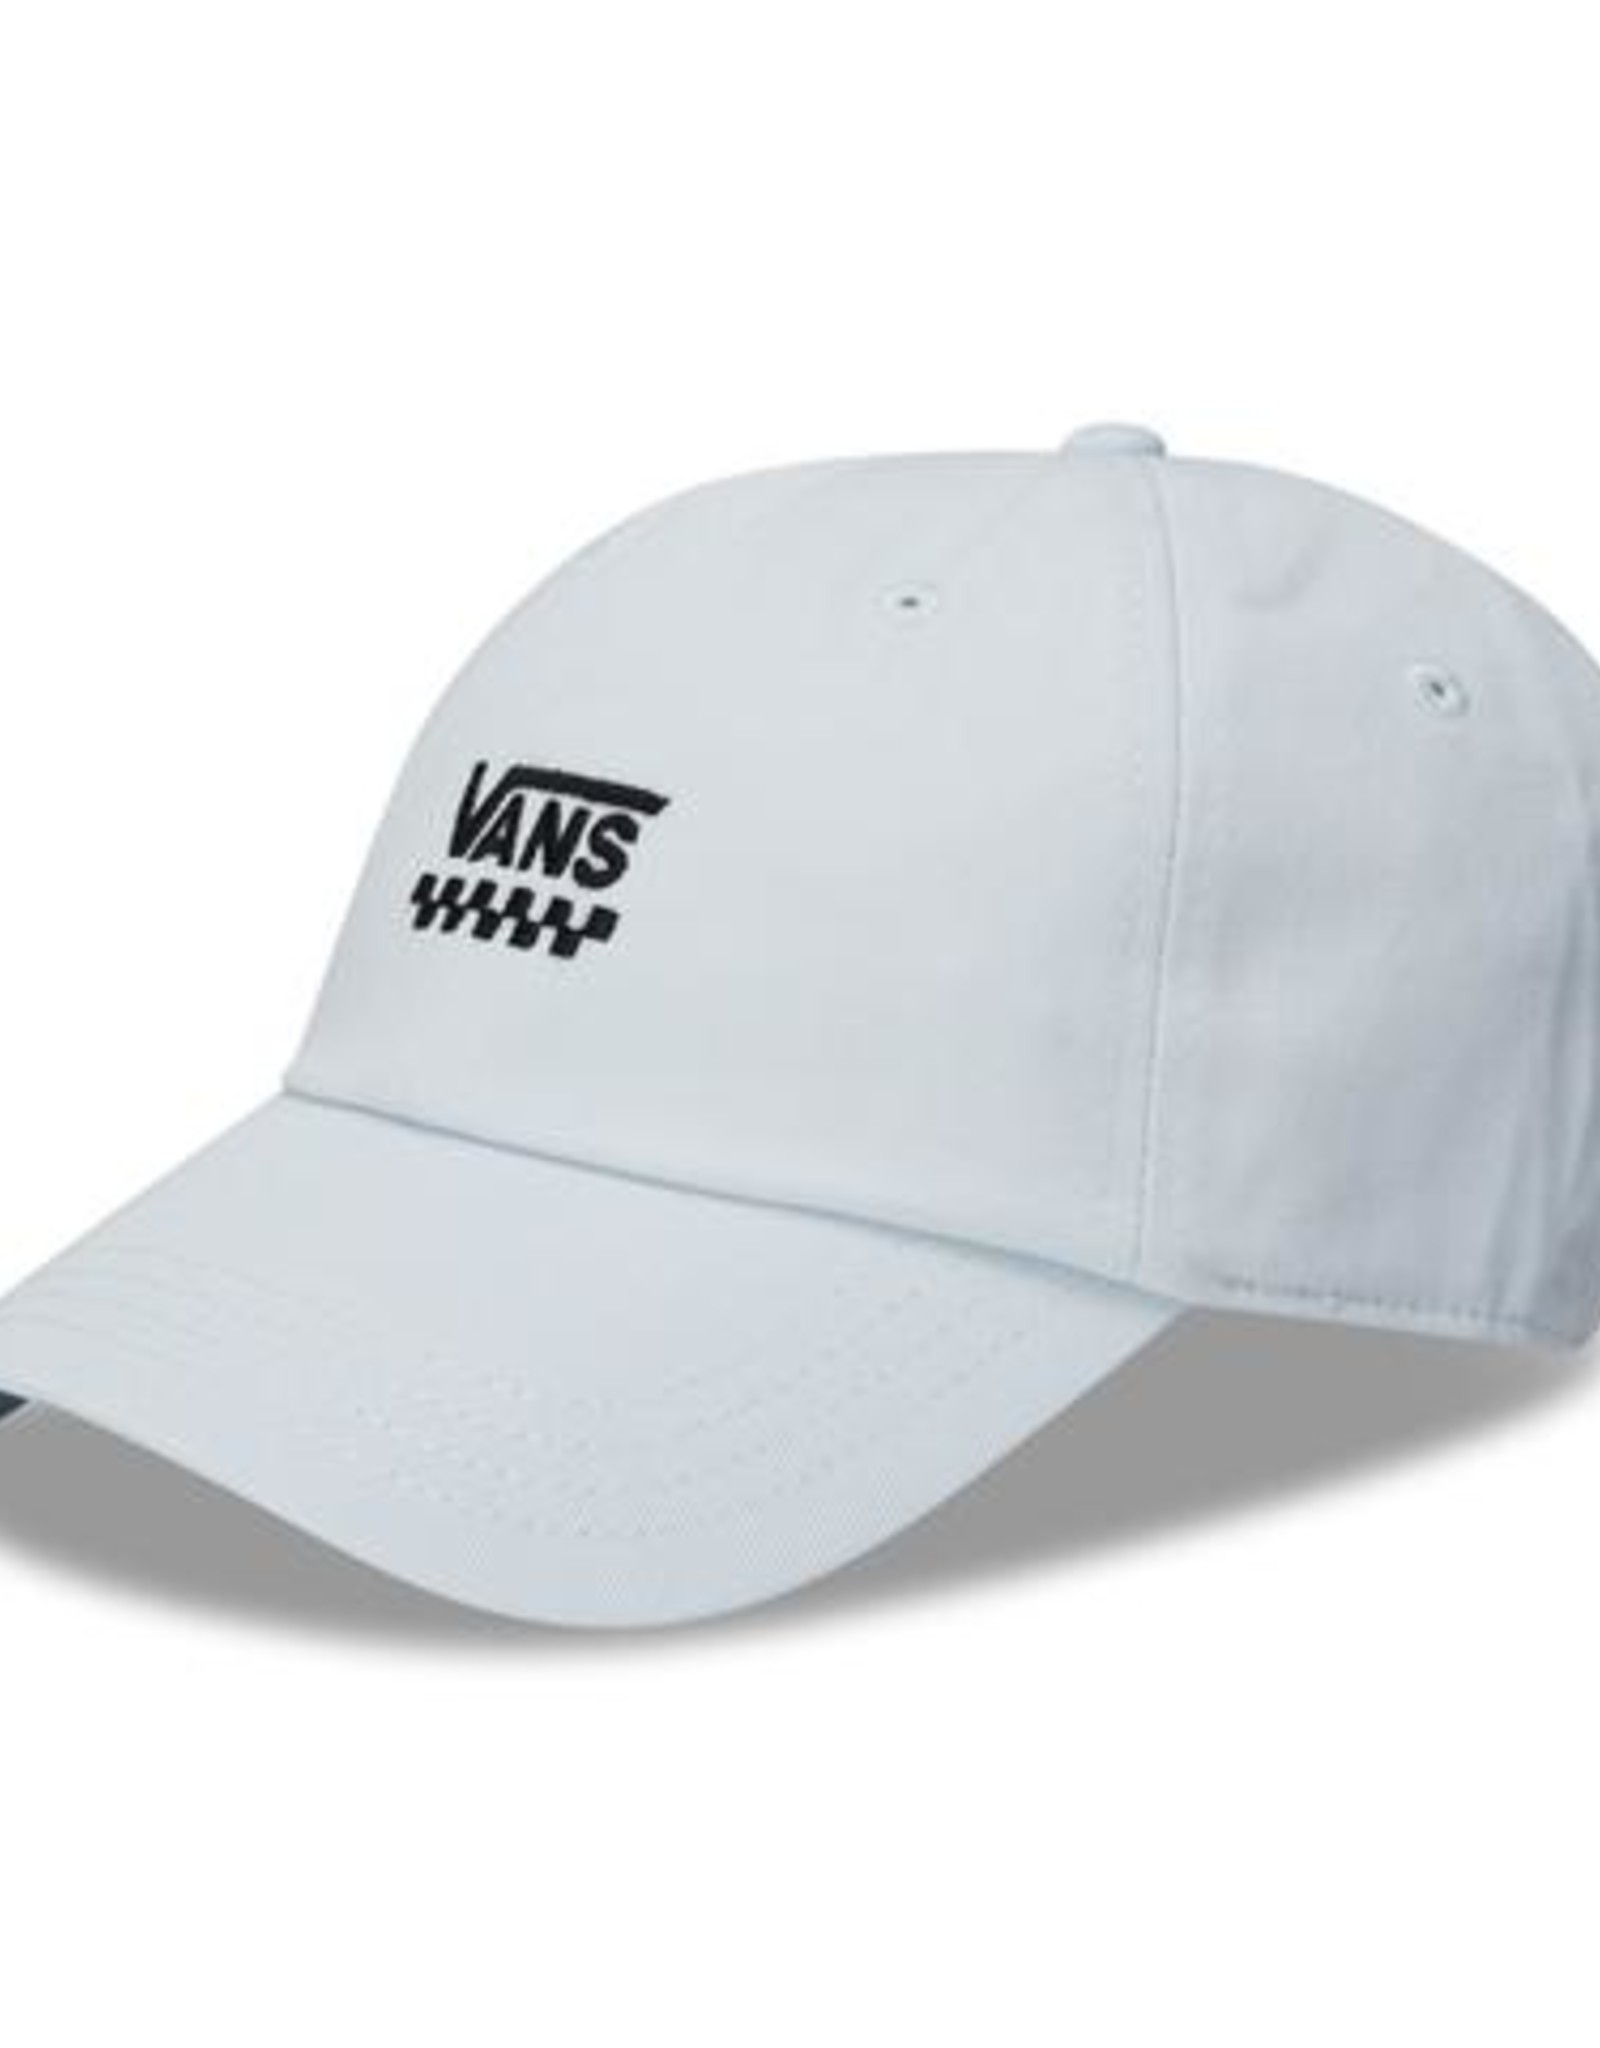 Vans SP21 Court Side Hat BalladBlue 6+Y